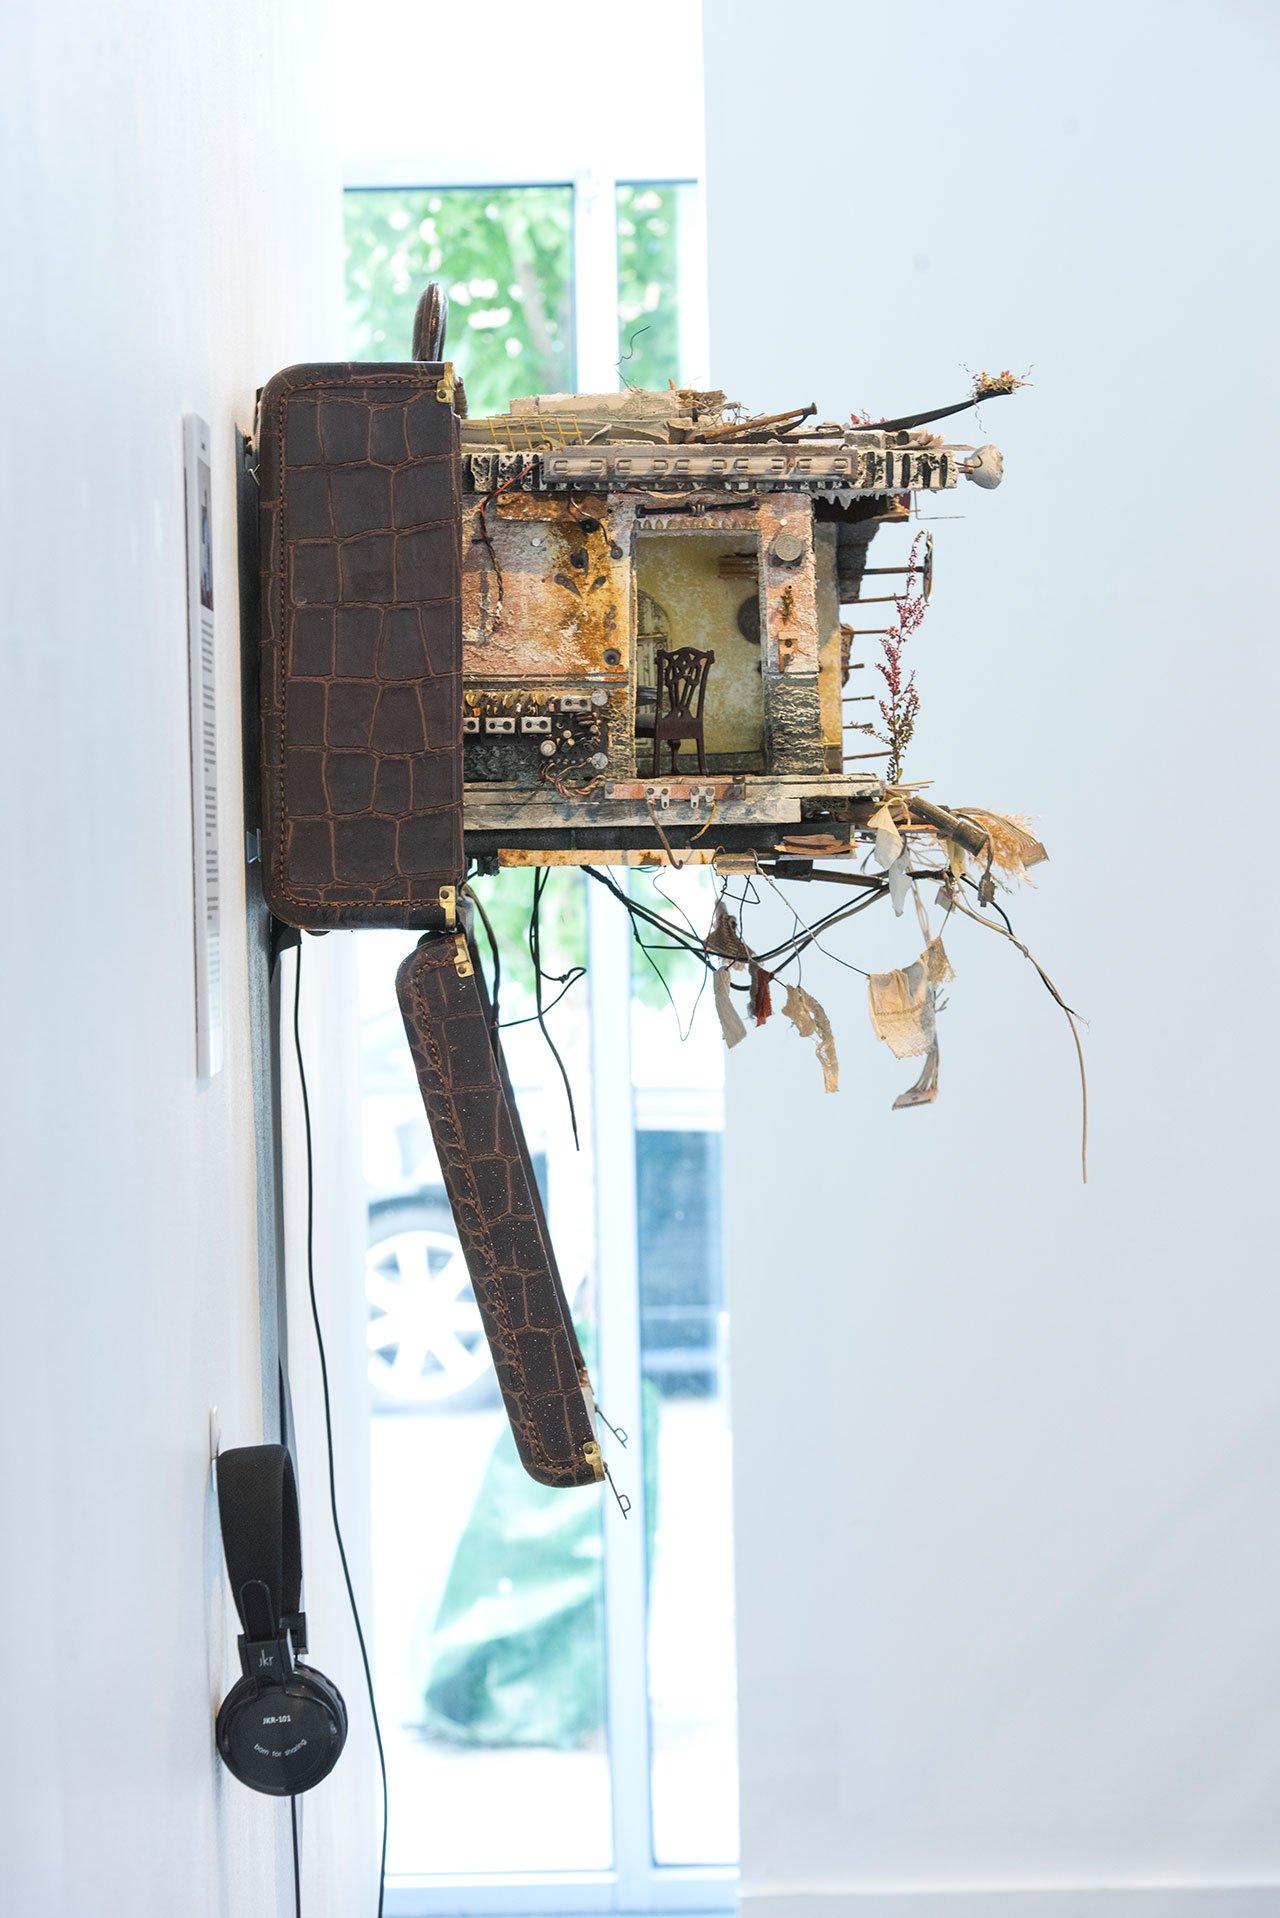 menekultek-tortenetei-miniatur-installaciokon-noko-012.jpg